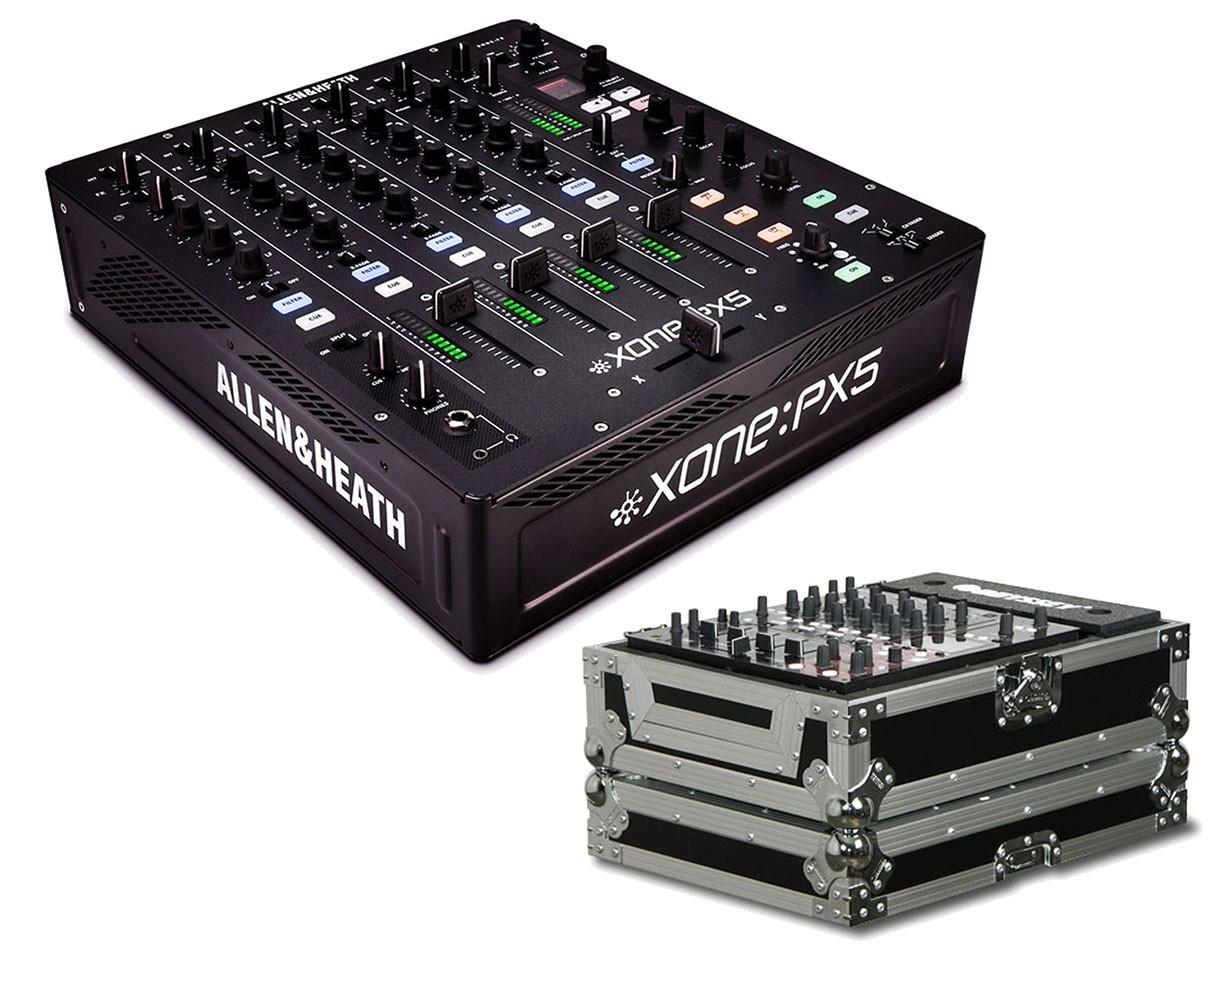 Allen & Heath Xone:PX5 + Odyssey Case